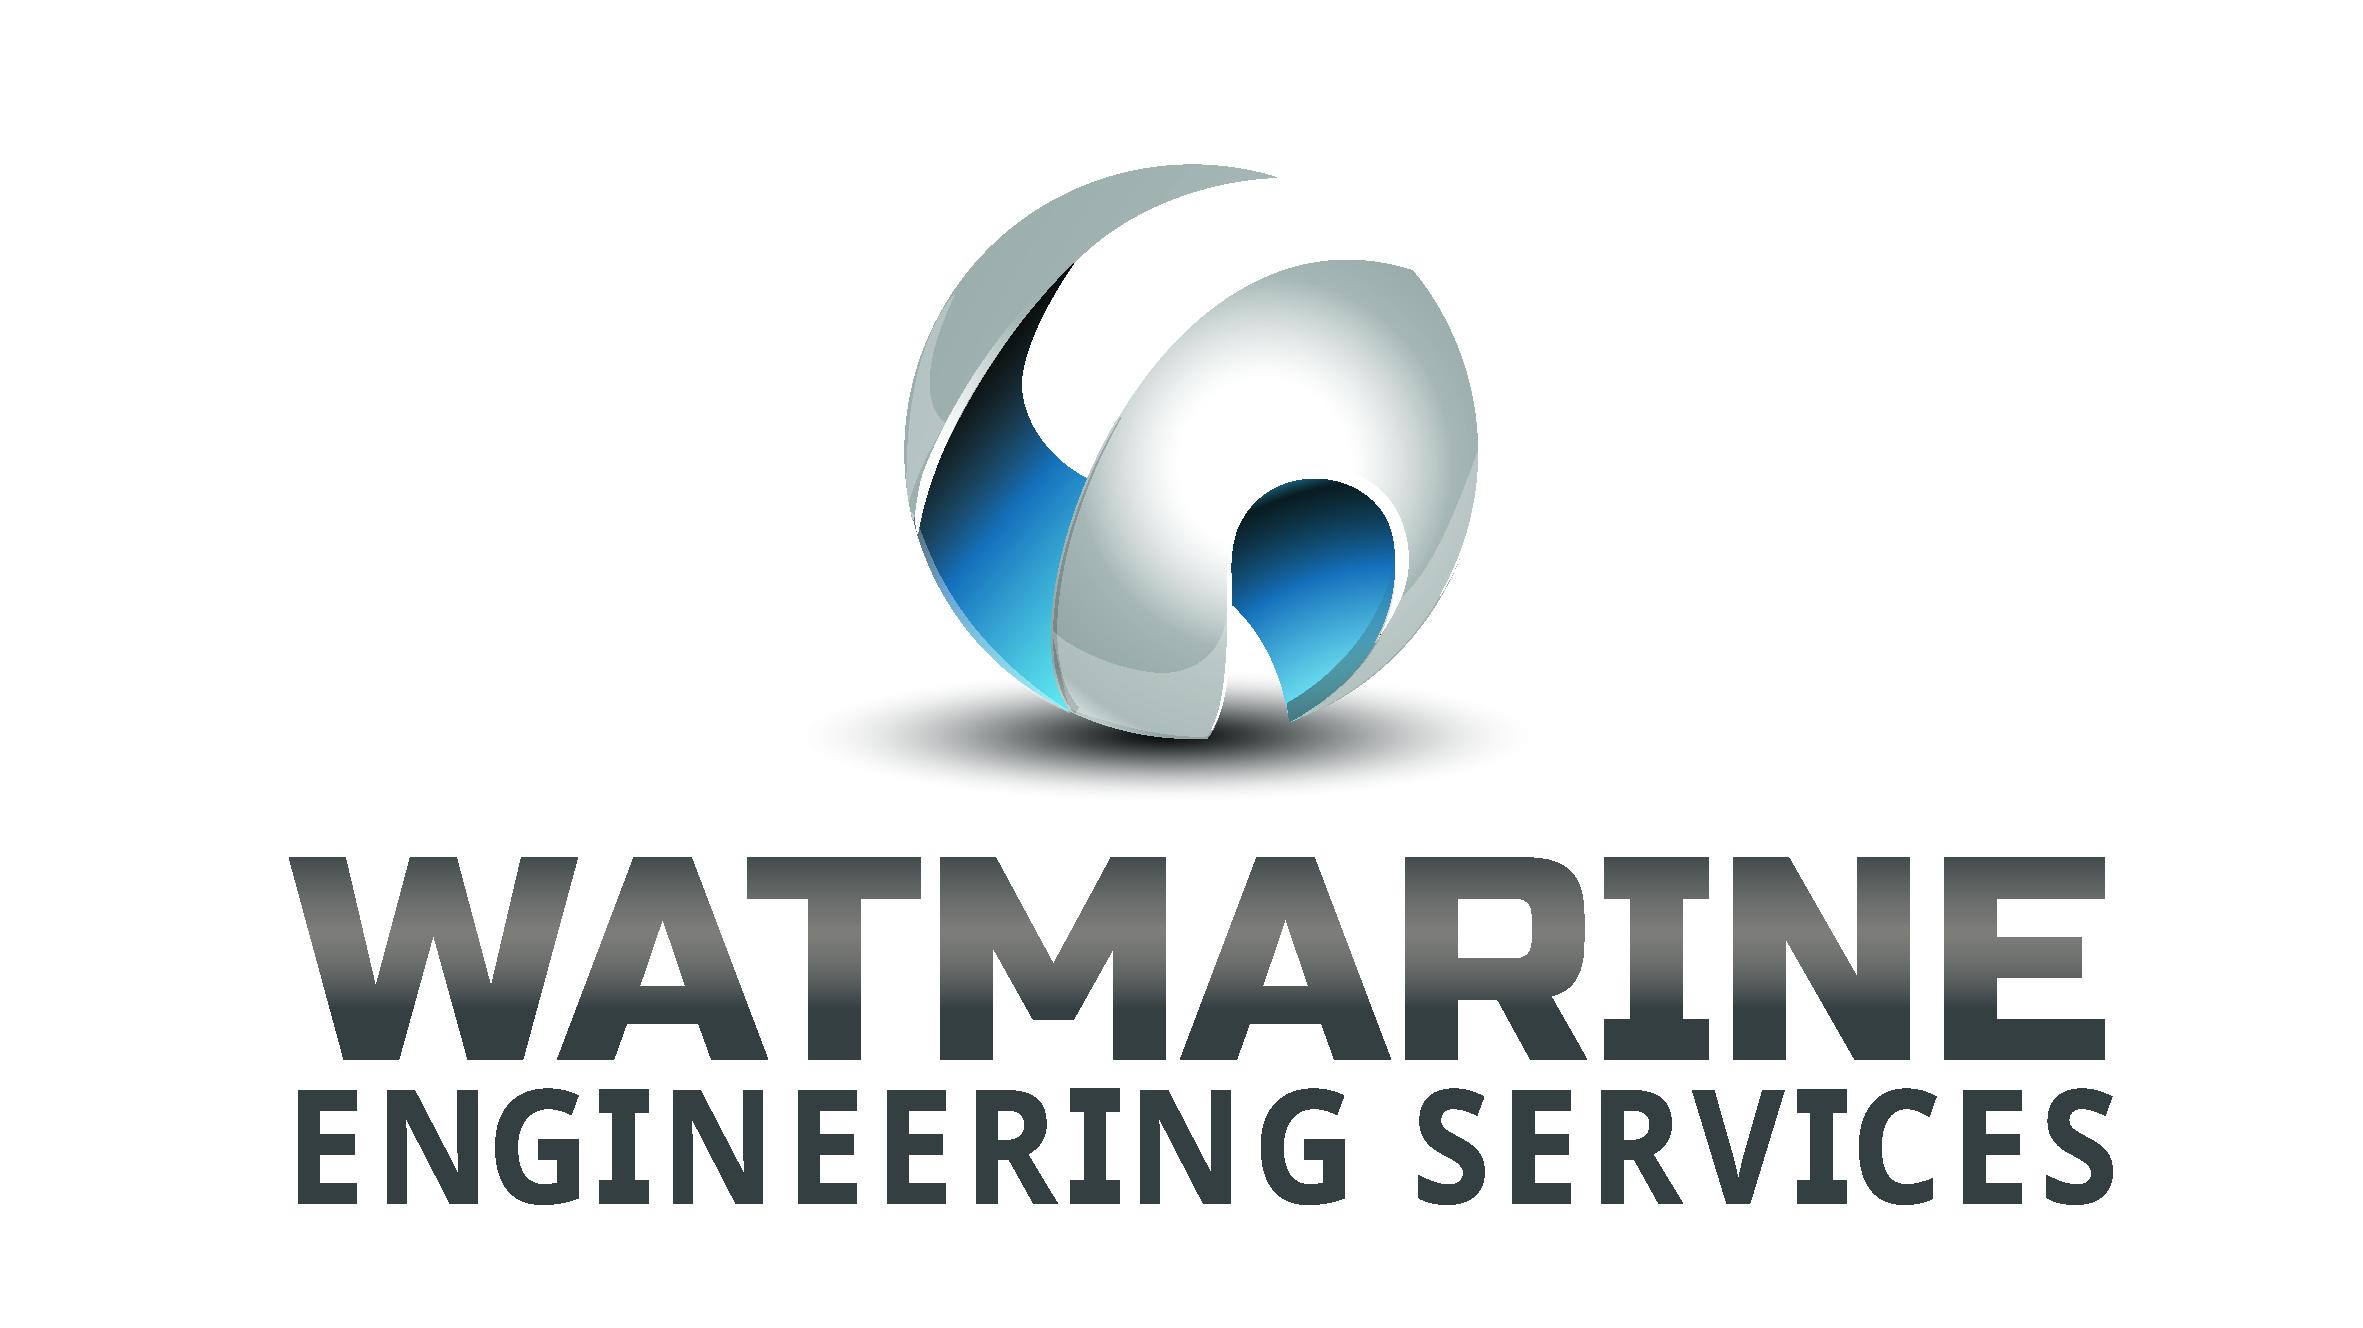 watmarine-logo.jpg